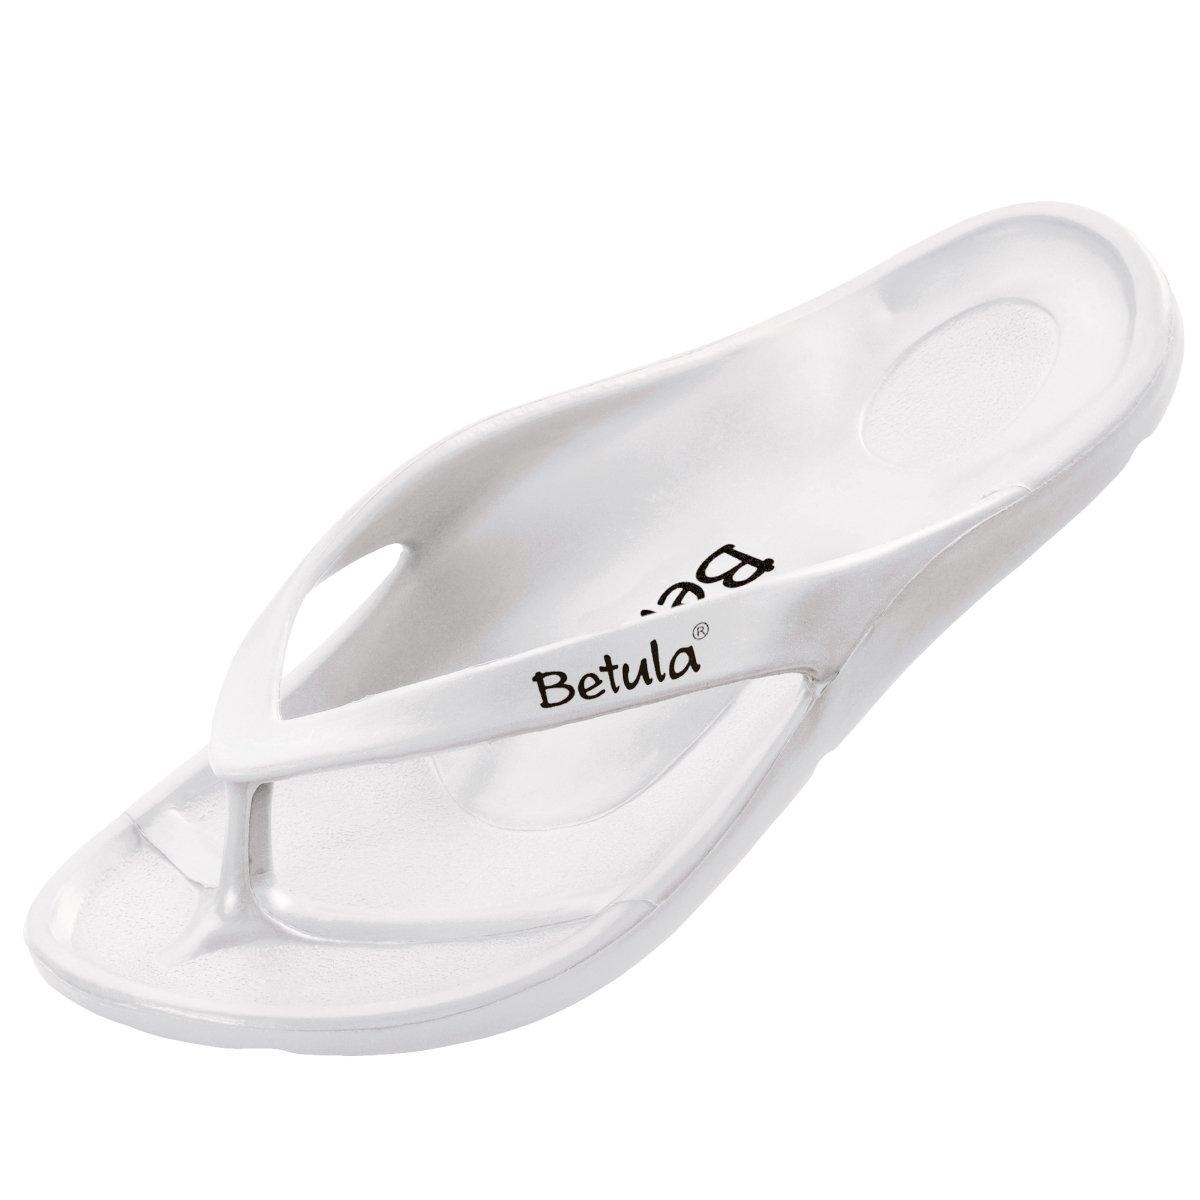 Betula Weiblich Energy Eva Badelatschen: : Schuhe